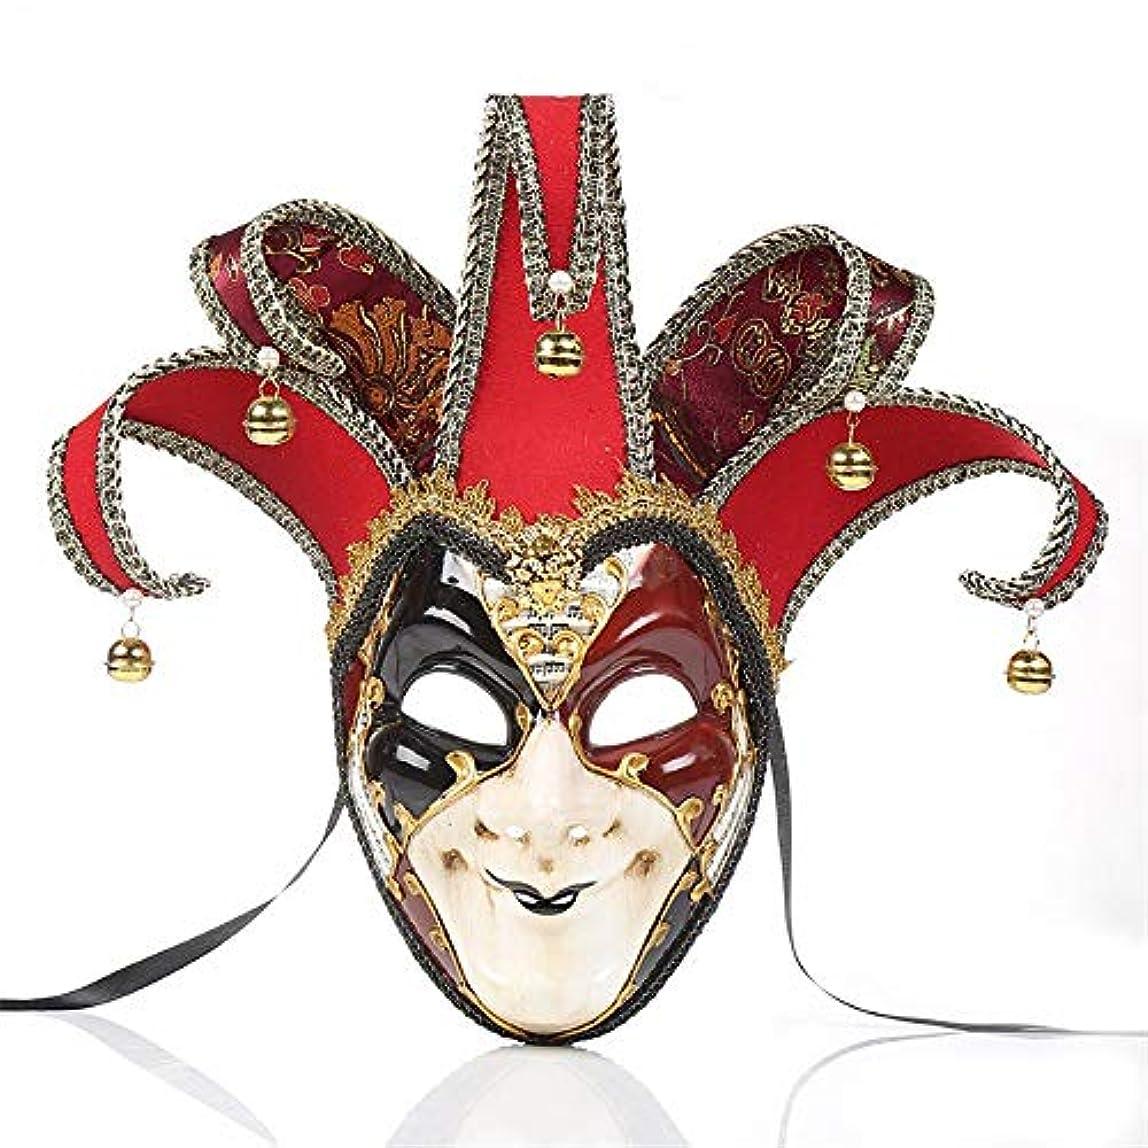 普及野菜市民権ダンスマスク ピエロマスクハロウィーンパフォーマンスパフォーマンス仮面舞踏会雰囲気用品祭りロールプレイングプラスチックマスク ホリデーパーティー用品 (色 : 赤, サイズ : 39x33cm)